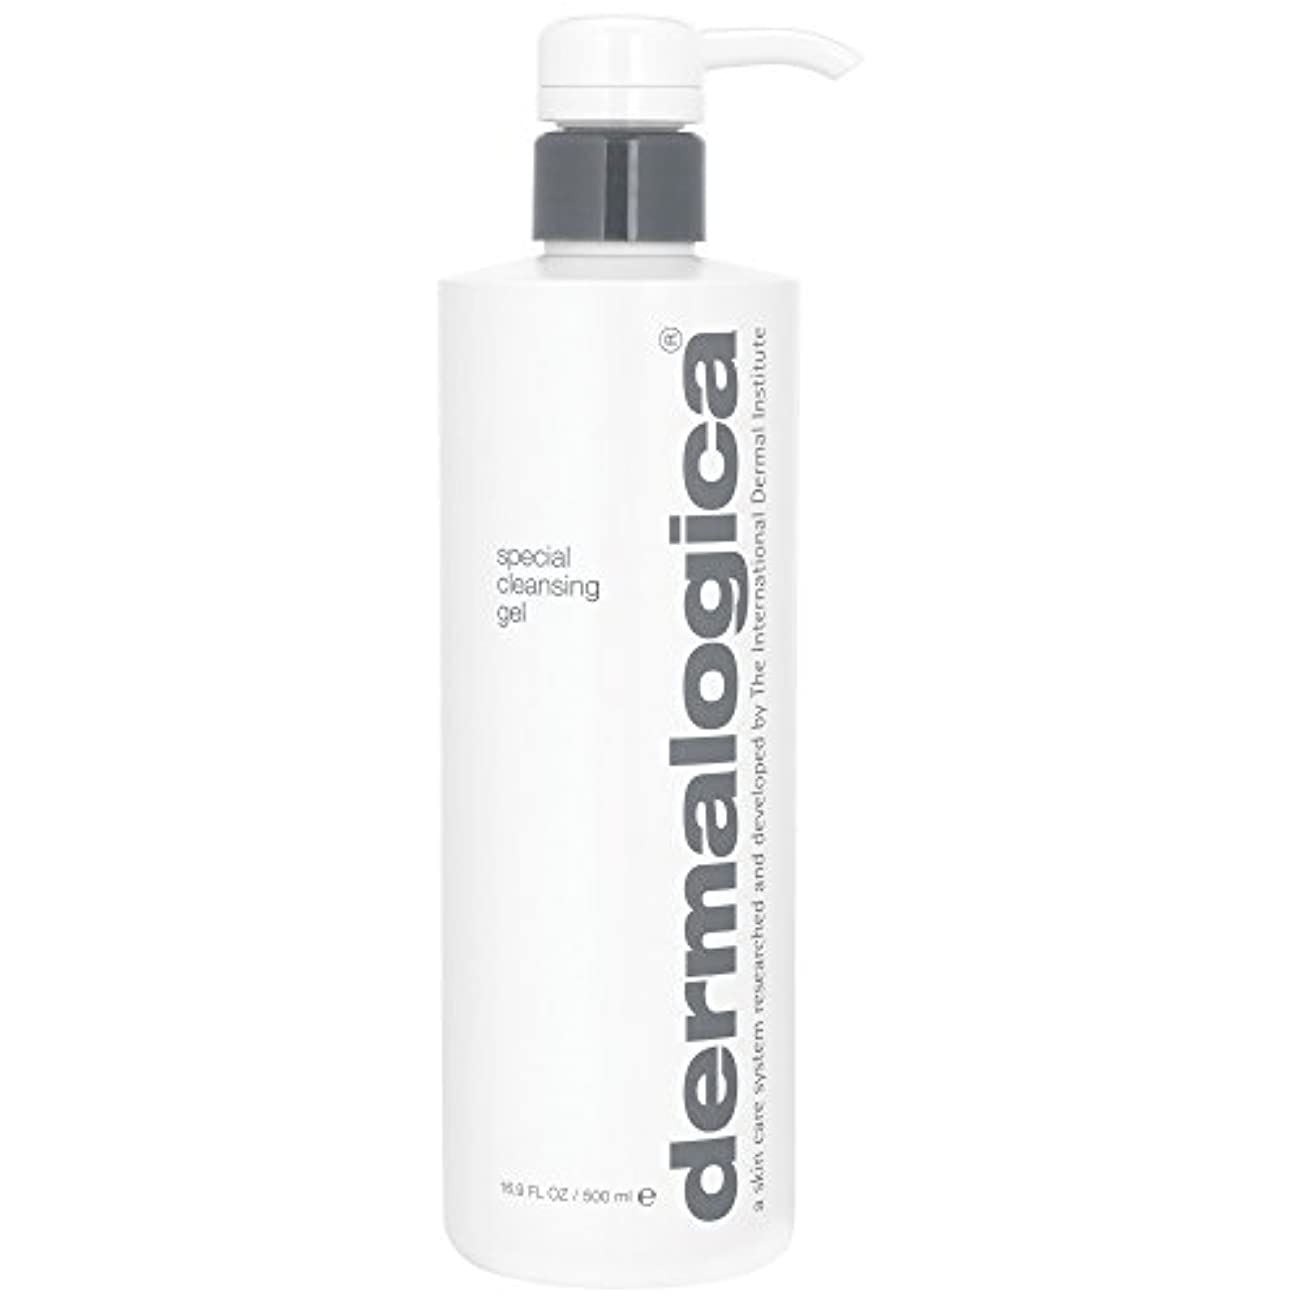 しょっぱい退化する乱闘ダーマロジカ特別なクレンジングゲル500ミリリットル (Dermalogica) (x6) - Dermalogica Special Cleansing Gel 500ml (Pack of 6) [並行輸入品]